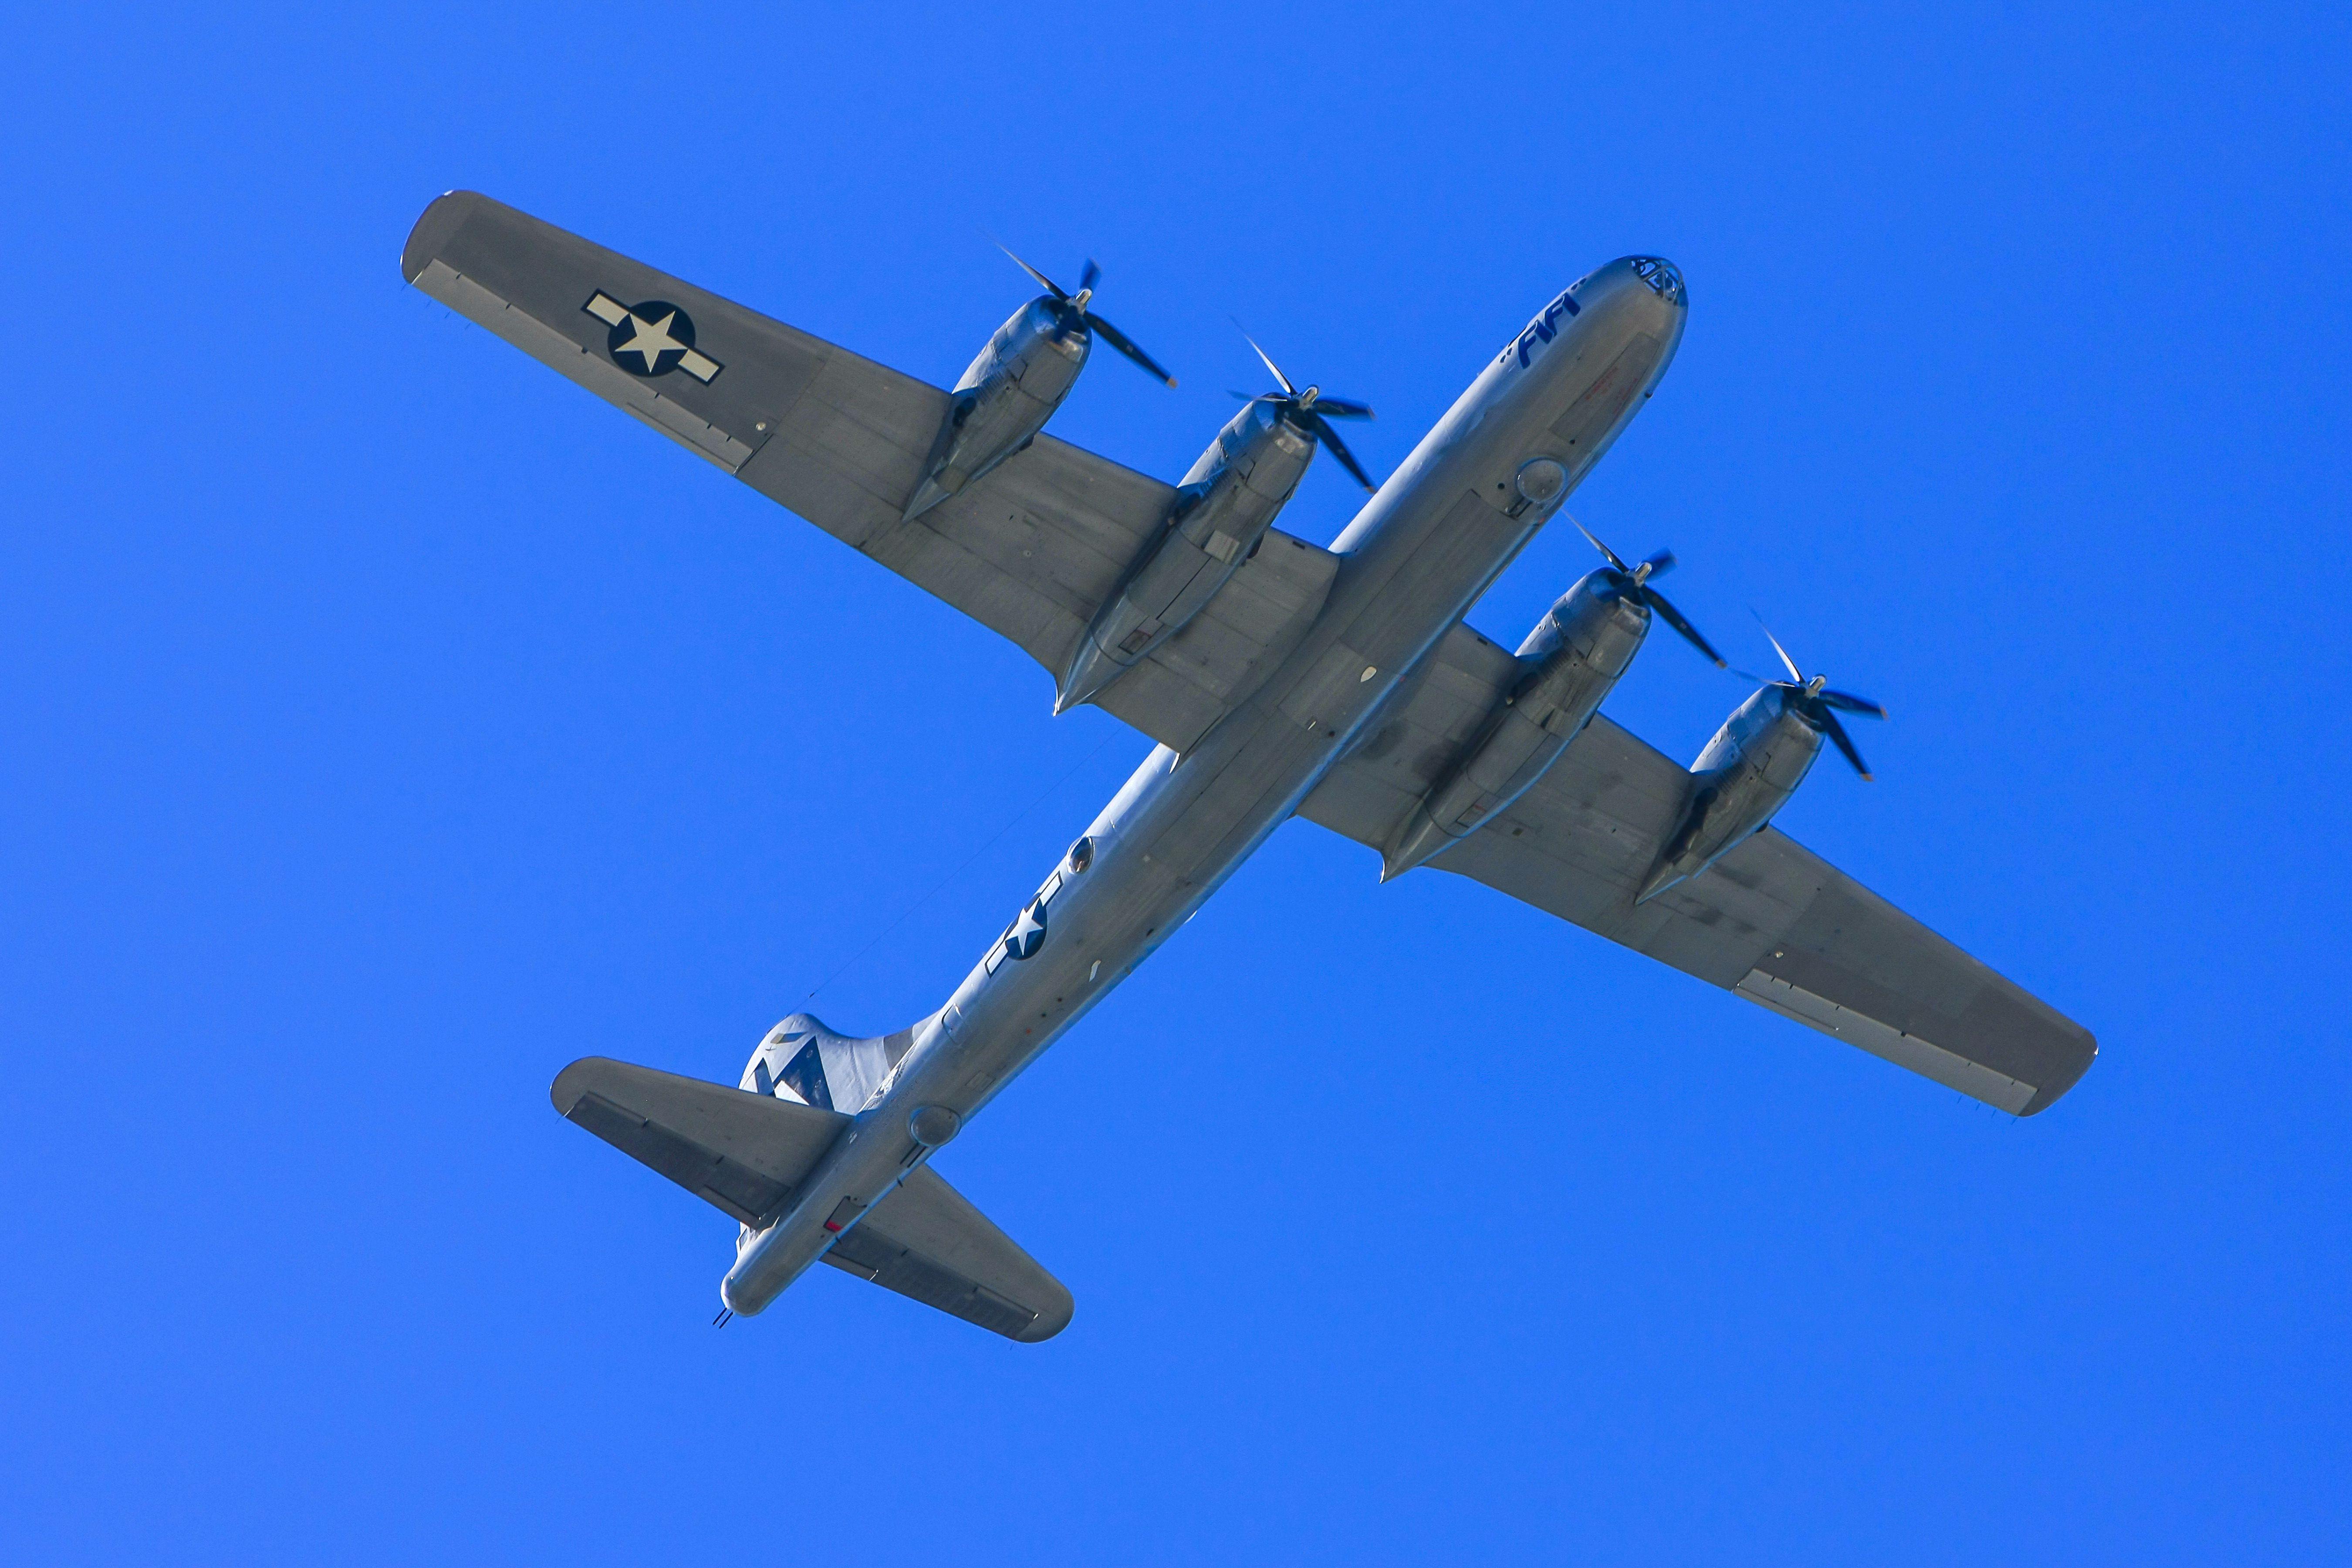 WWII Boeing B29 plane in flight.